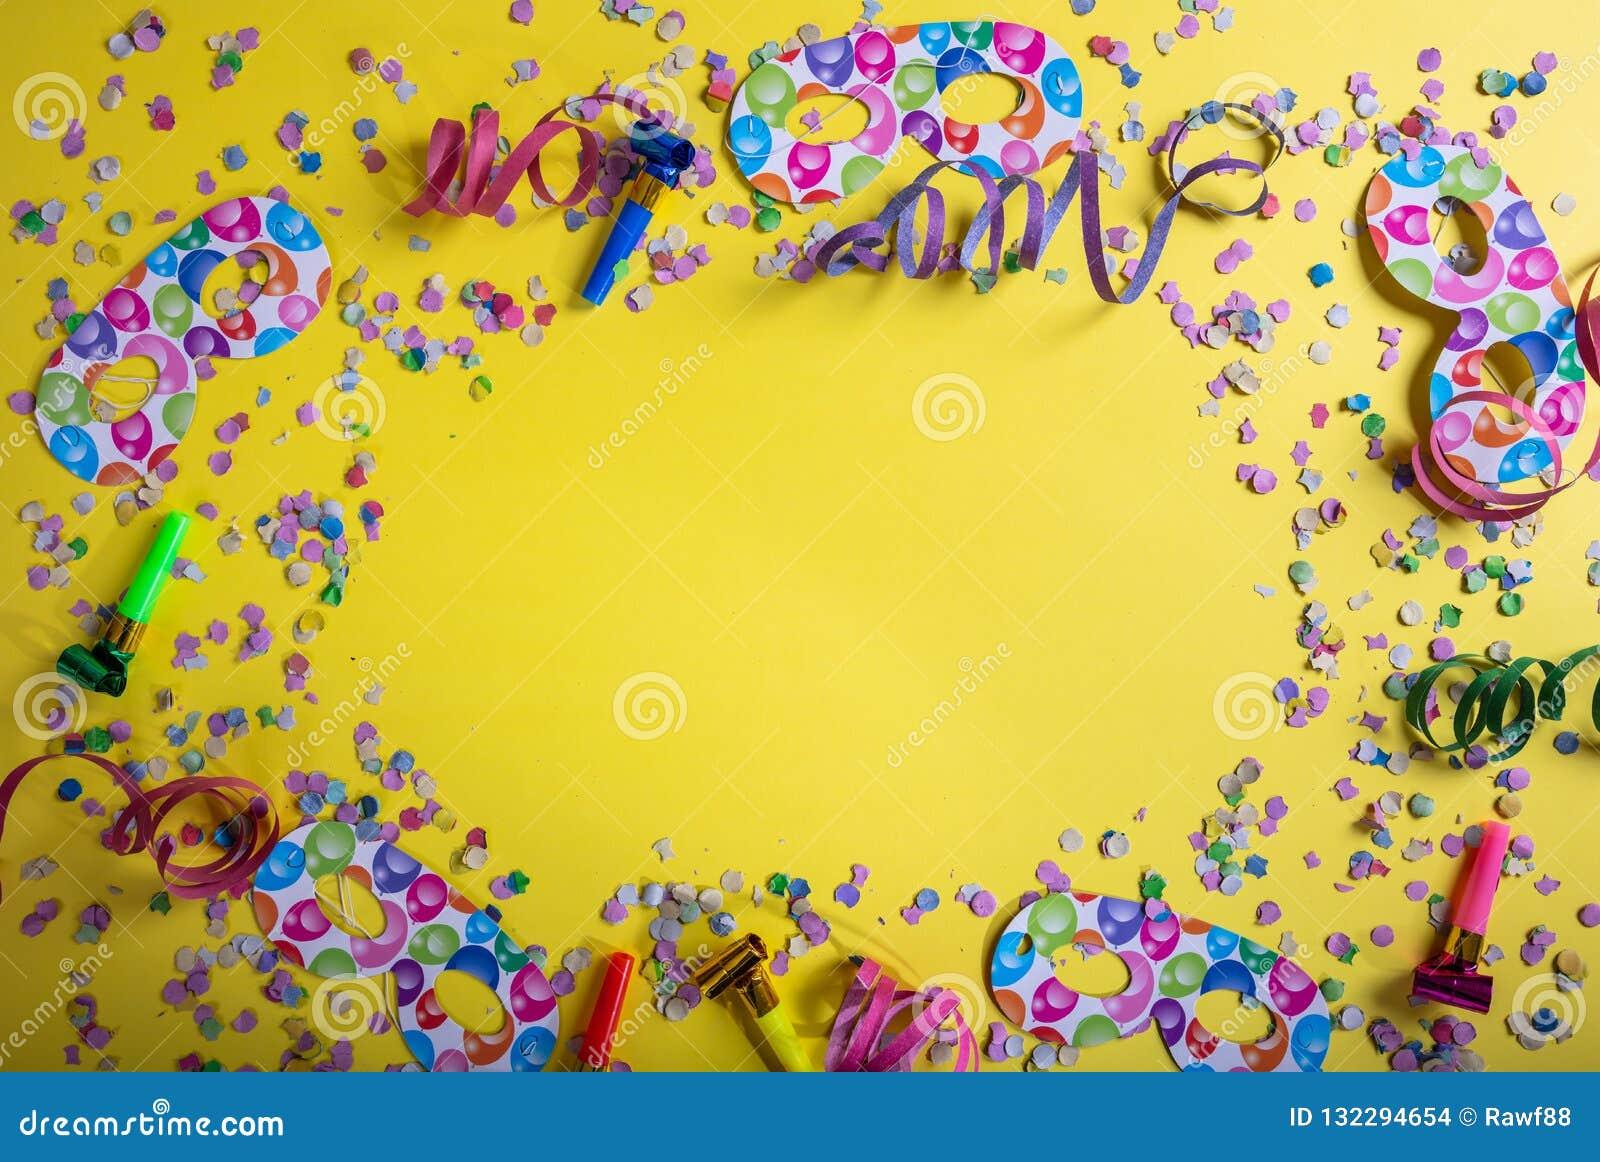 Καρναβάλι ή γιορτή γενεθλίων Κομφετί και serpentines στο φωτεινό κίτρινο υπόβαθρο